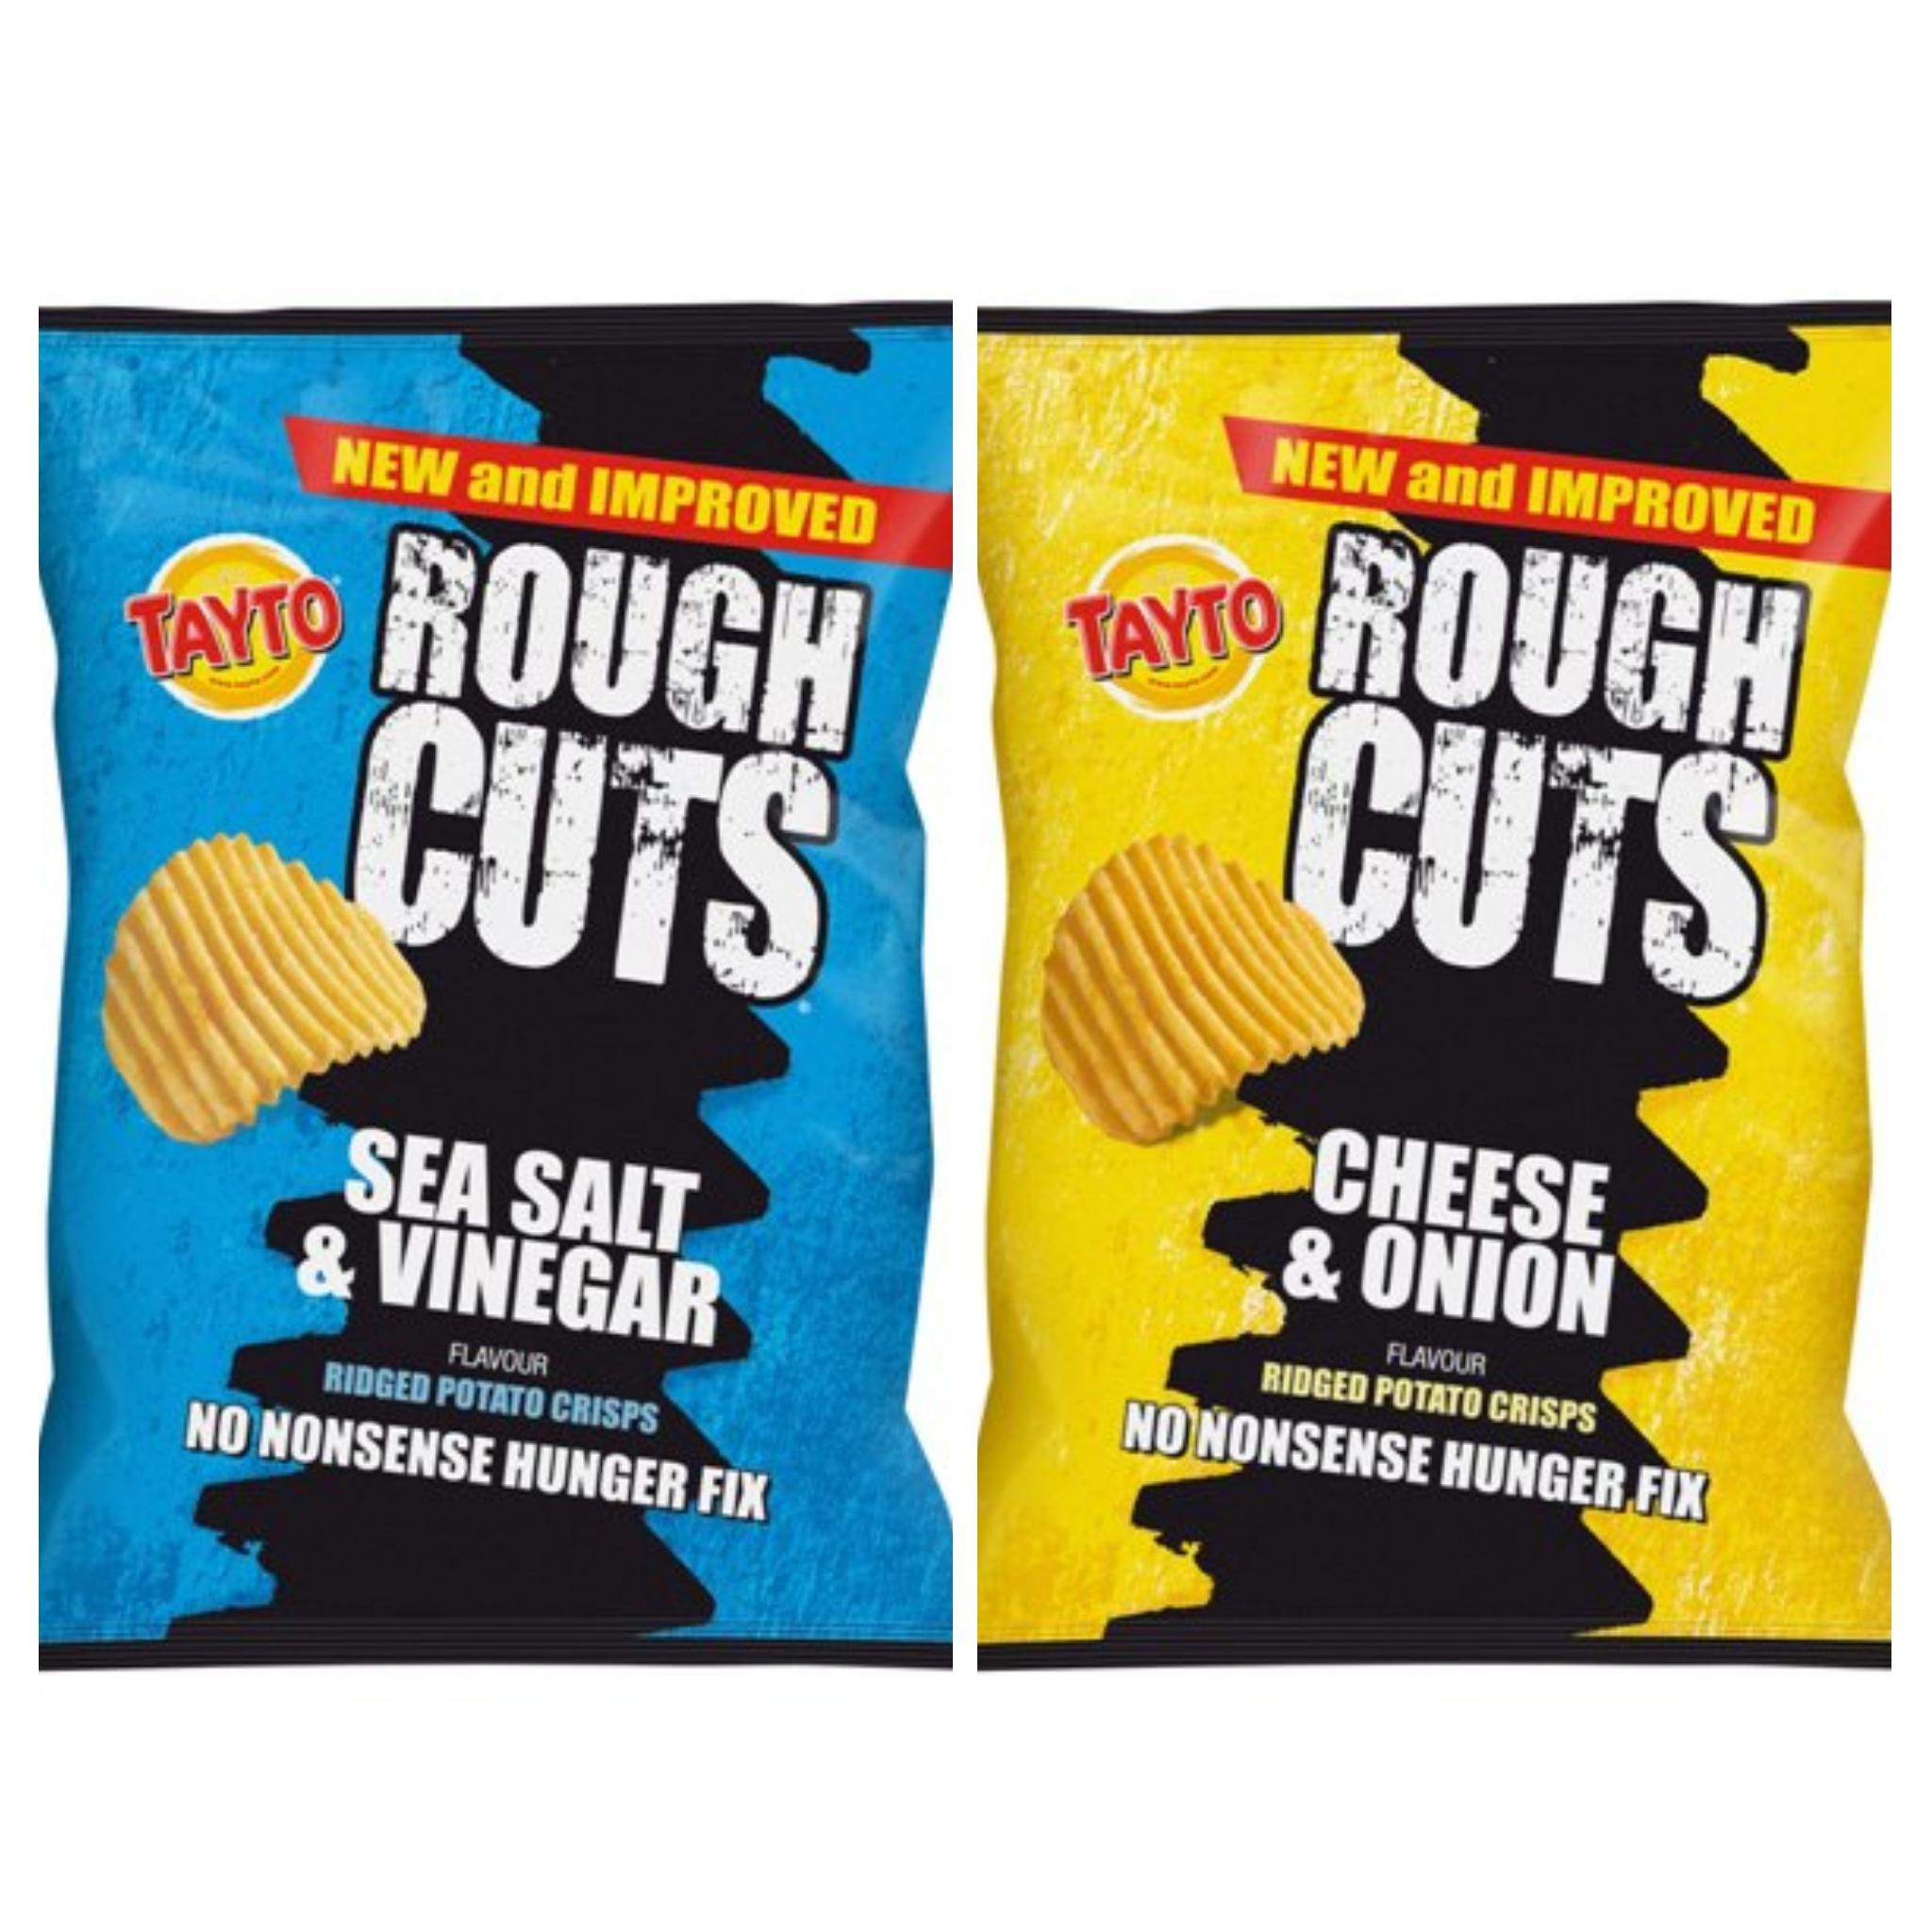 Tayto Rough Cuts Crisps 47.5g - 39p (Cheese & Onion / Salt & Vinegar) @ Home Bargains